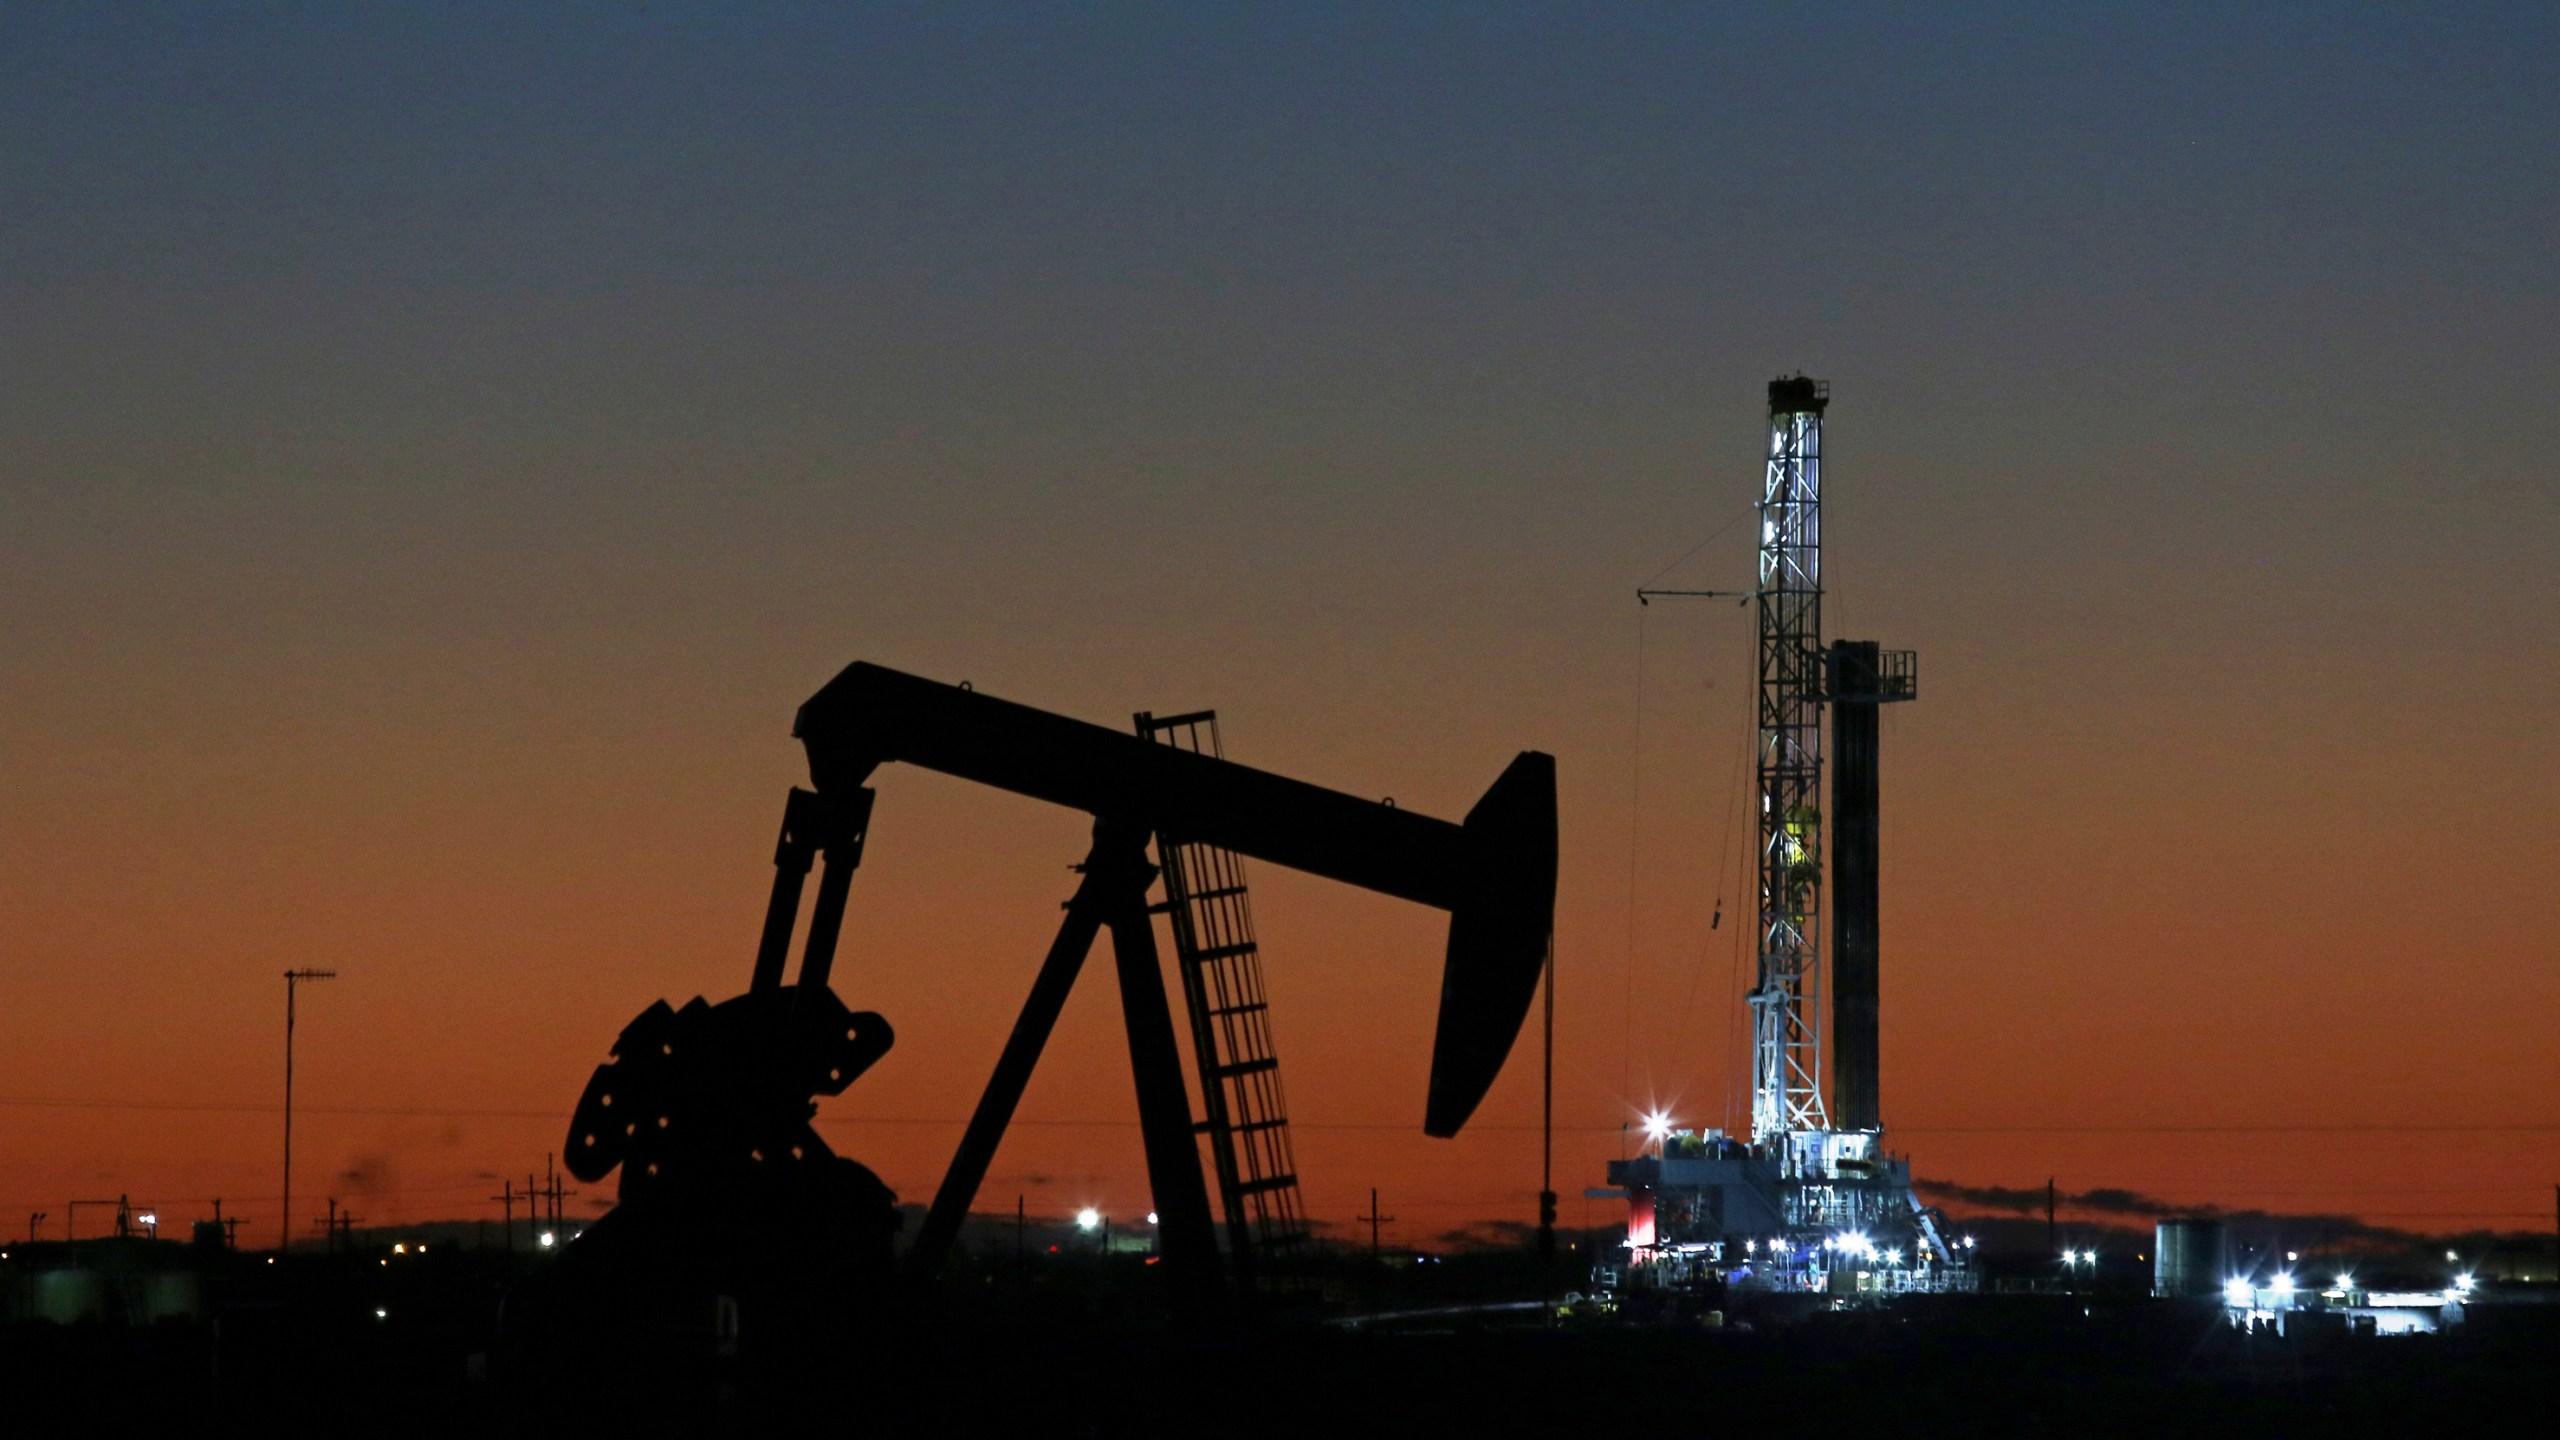 Air_Pollution_Oil_Drilling_Texas_00756-159532.jpg23319753